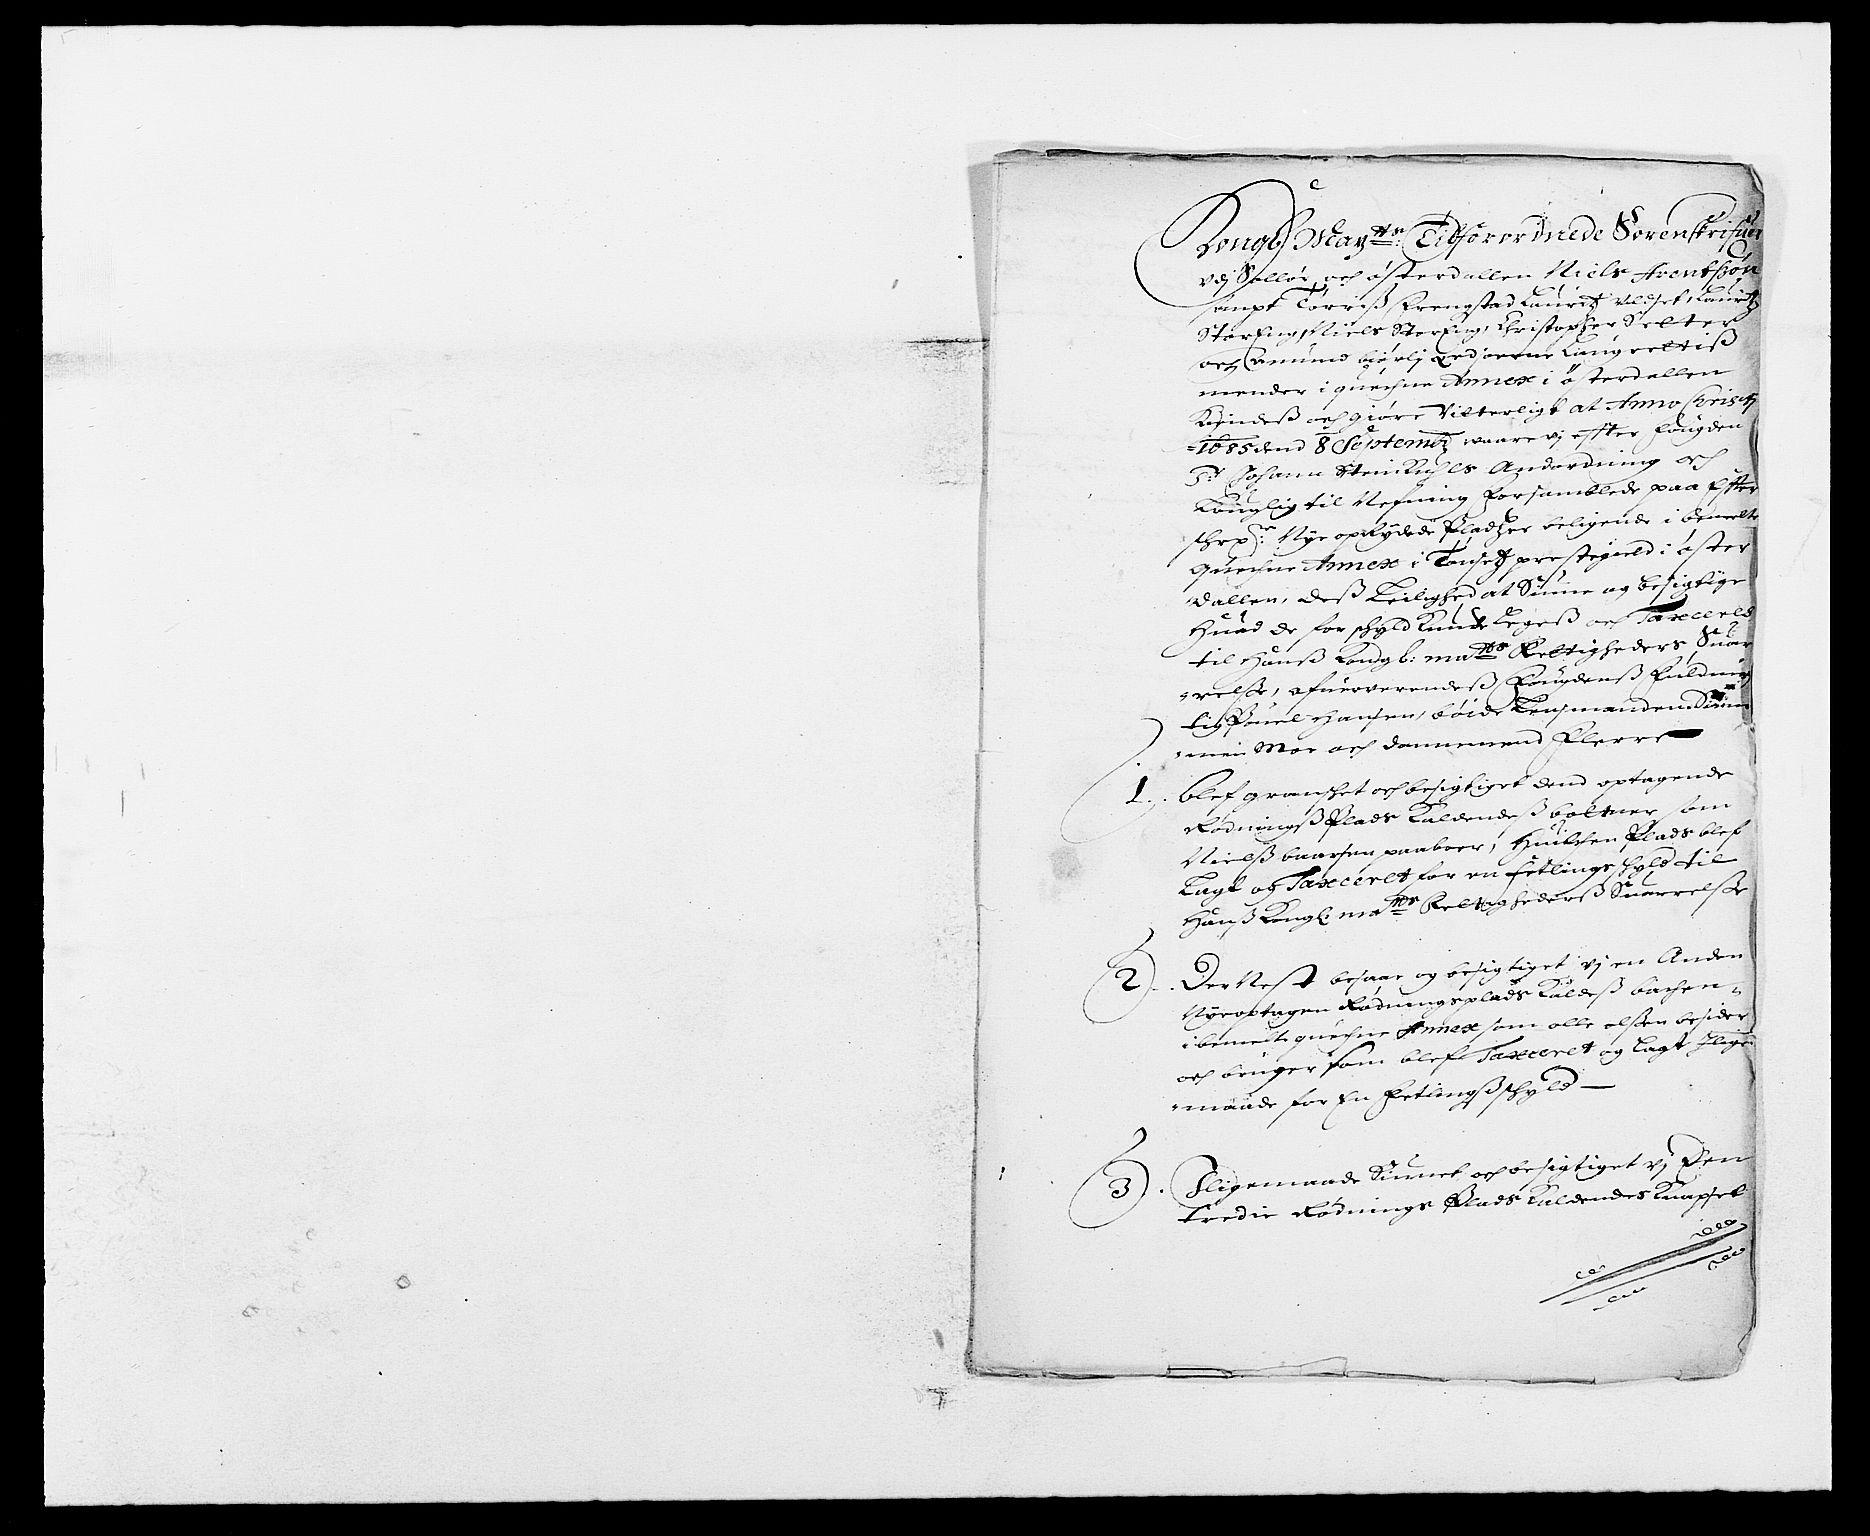 RA, Rentekammeret inntil 1814, Reviderte regnskaper, Fogderegnskap, R13/L0822: Fogderegnskap Solør, Odal og Østerdal, 1685, s. 157